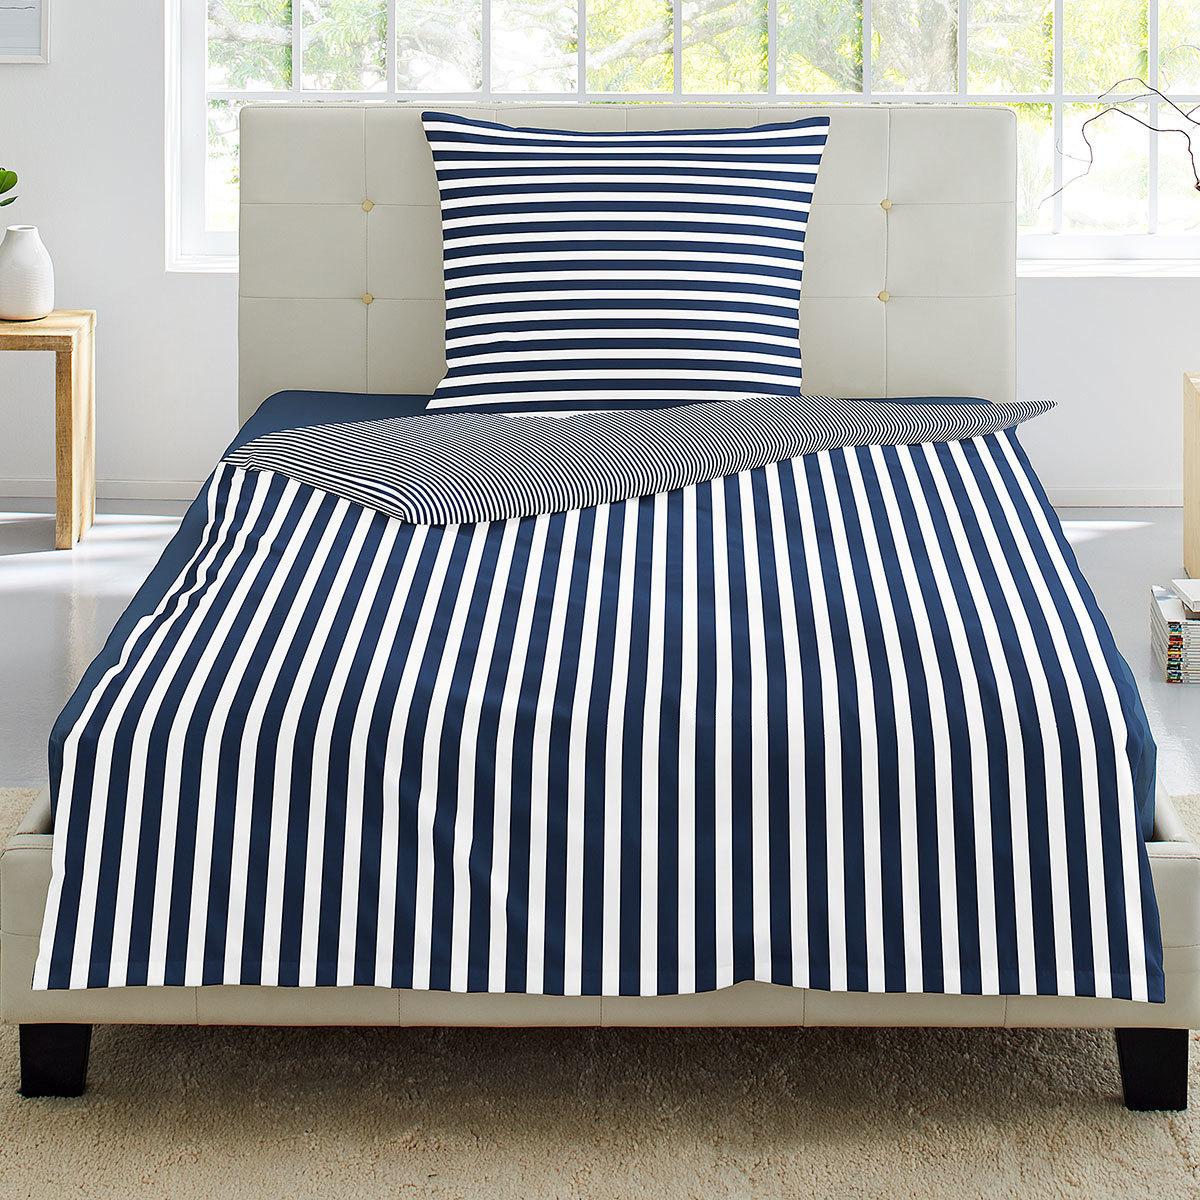 Irisette Seersucker Bettwäsche Streifen Blau Günstig Online Kaufen